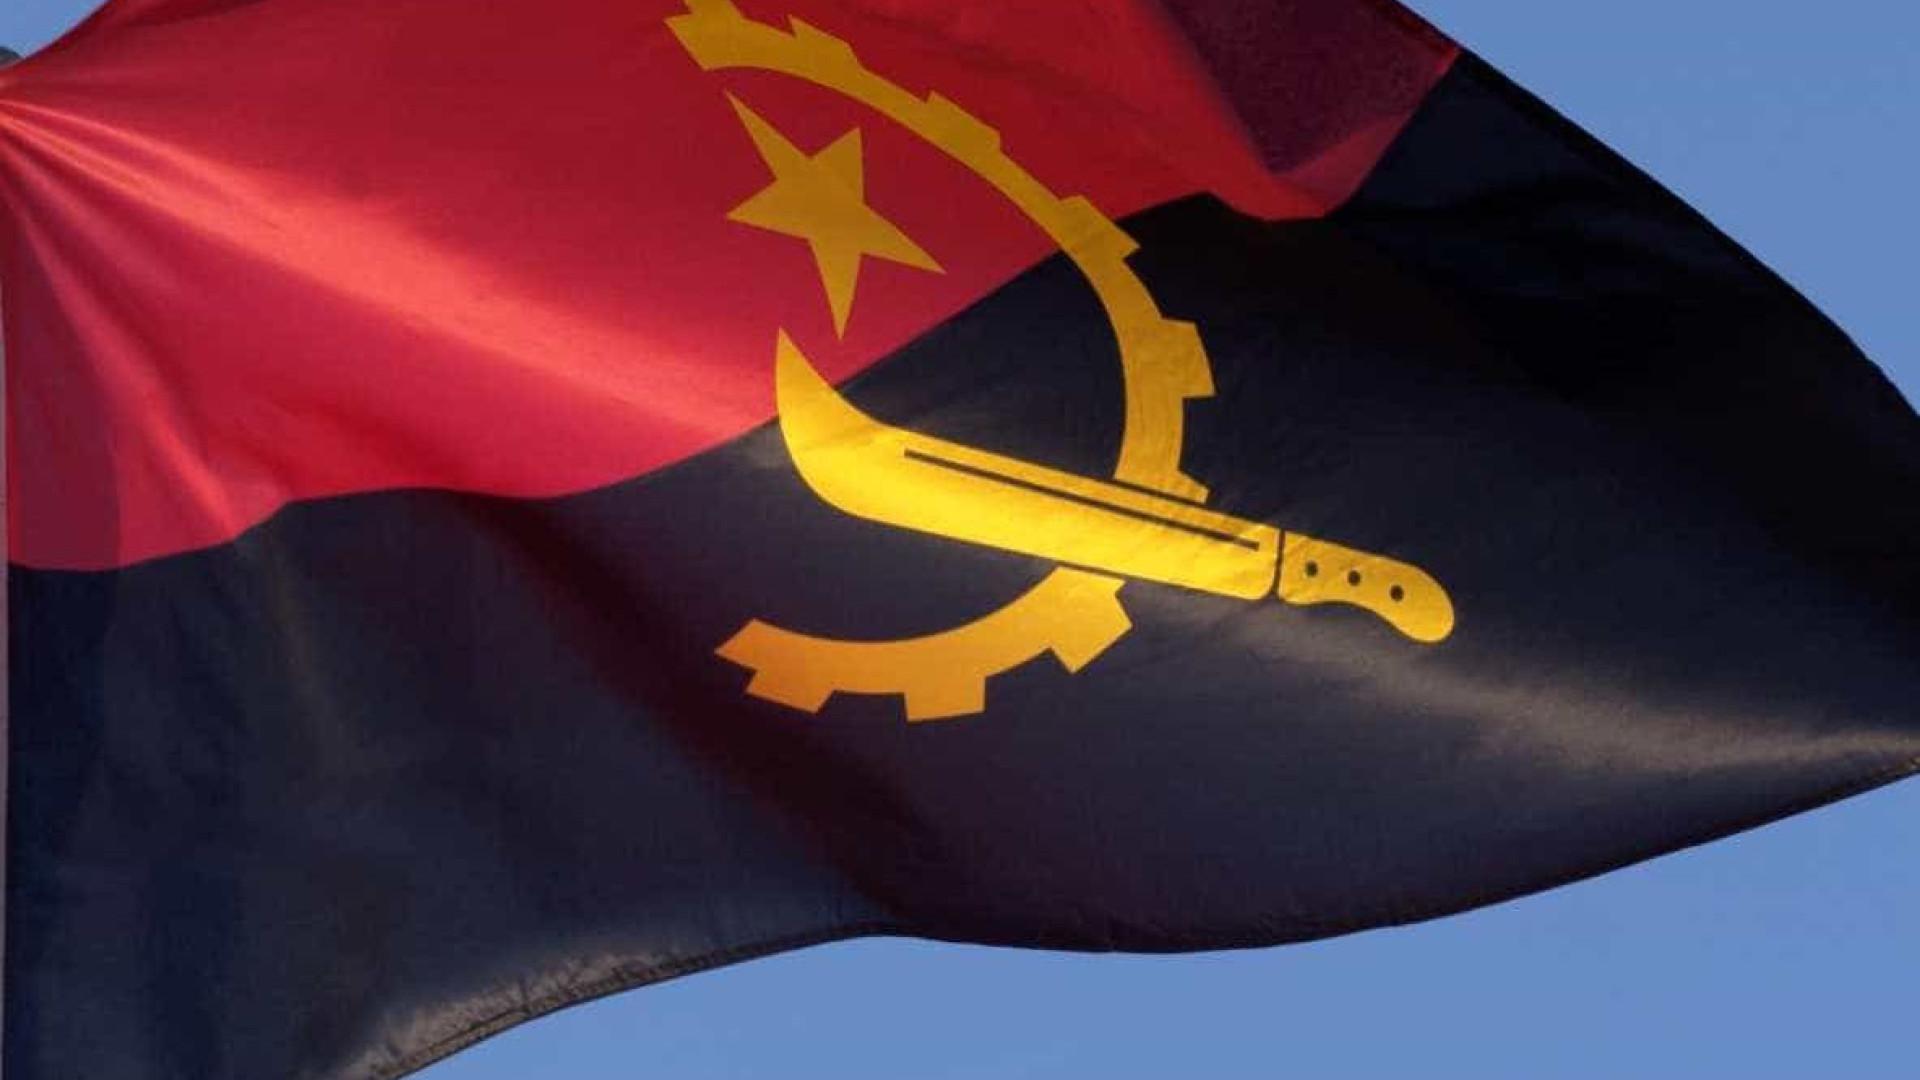 Vender peças de carros e motos na rua em Angola passou a ser proibido